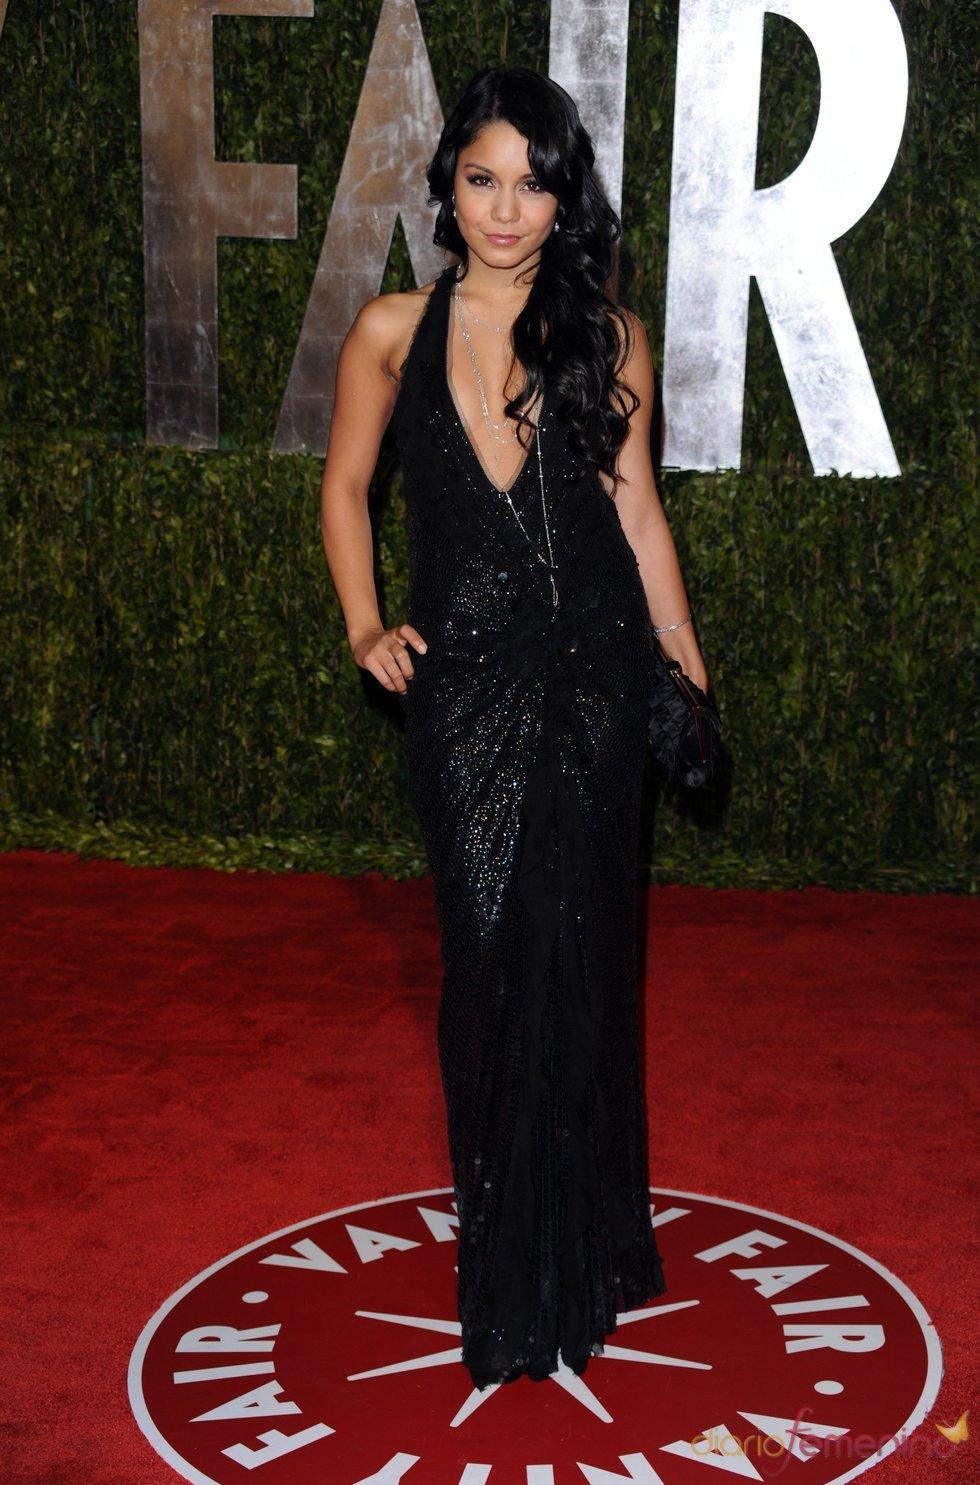 Vanessa Hudgens en la fiesta Vanity Fair Oscar 2010